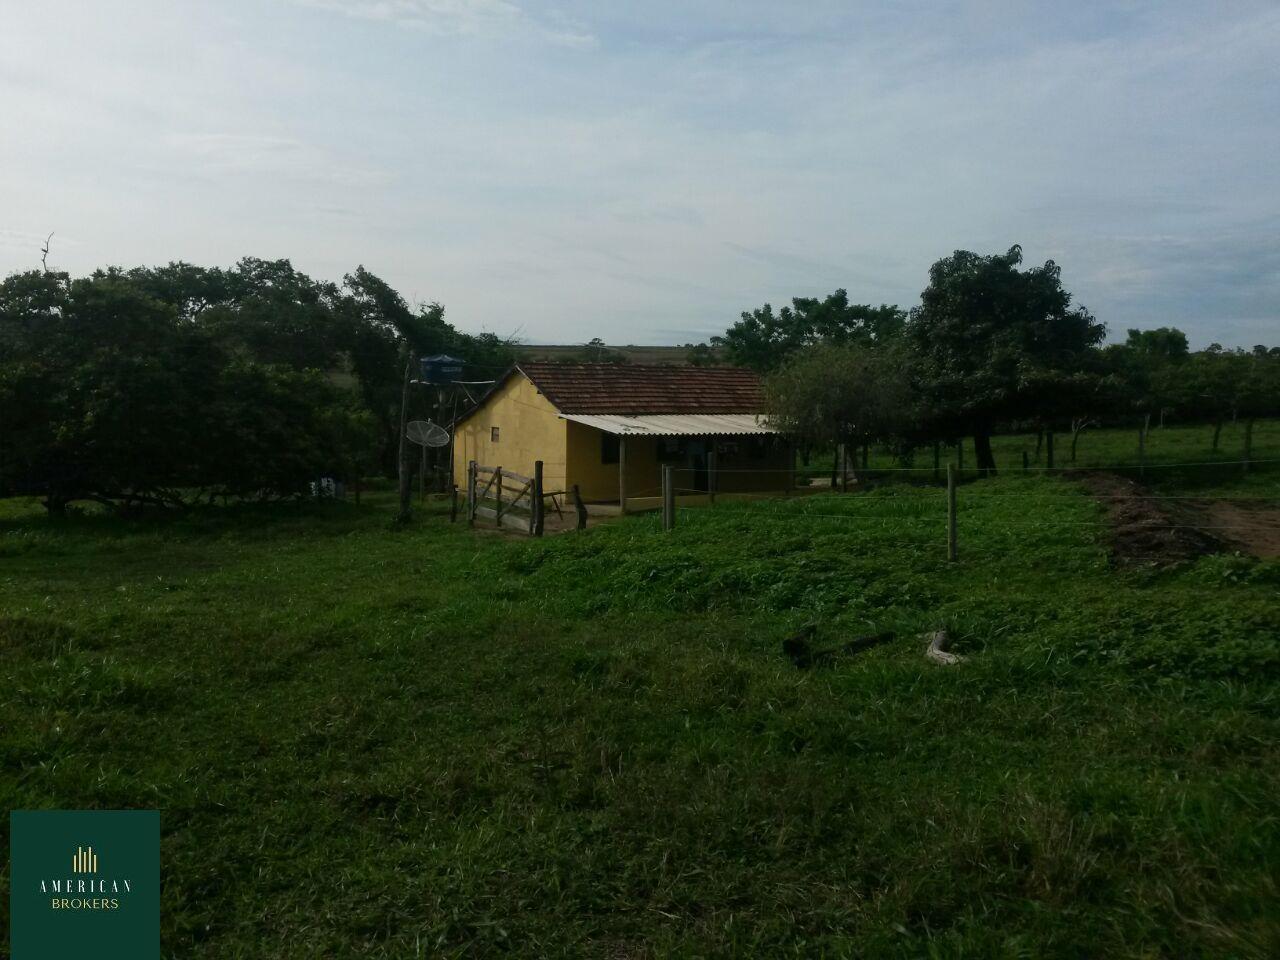 Fazenda/sítio/chácara/haras à venda  no Nenhum - Ipameri, GO. Imóveis